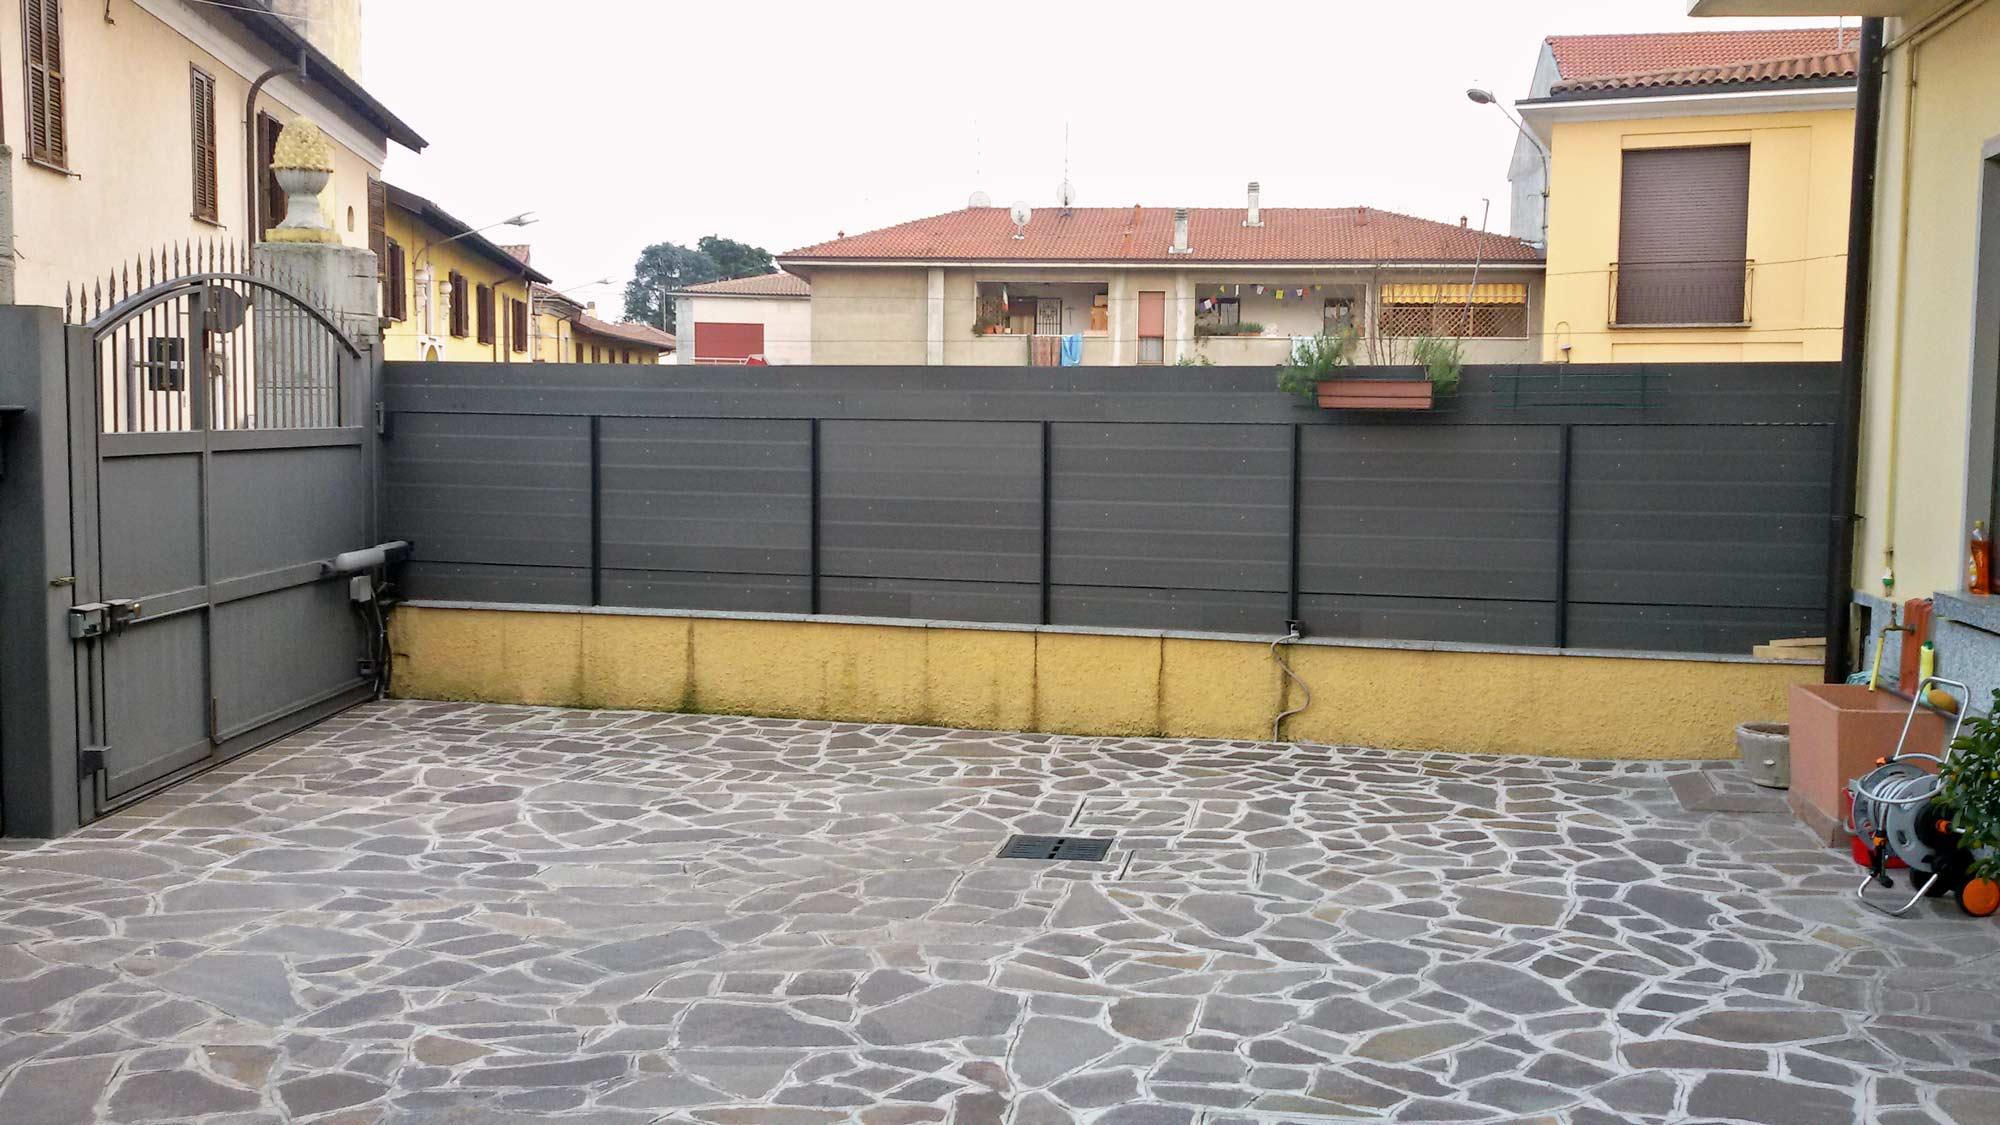 Doghe in PVC per la recinzione di casa | Montaggio illustrato passo-passo